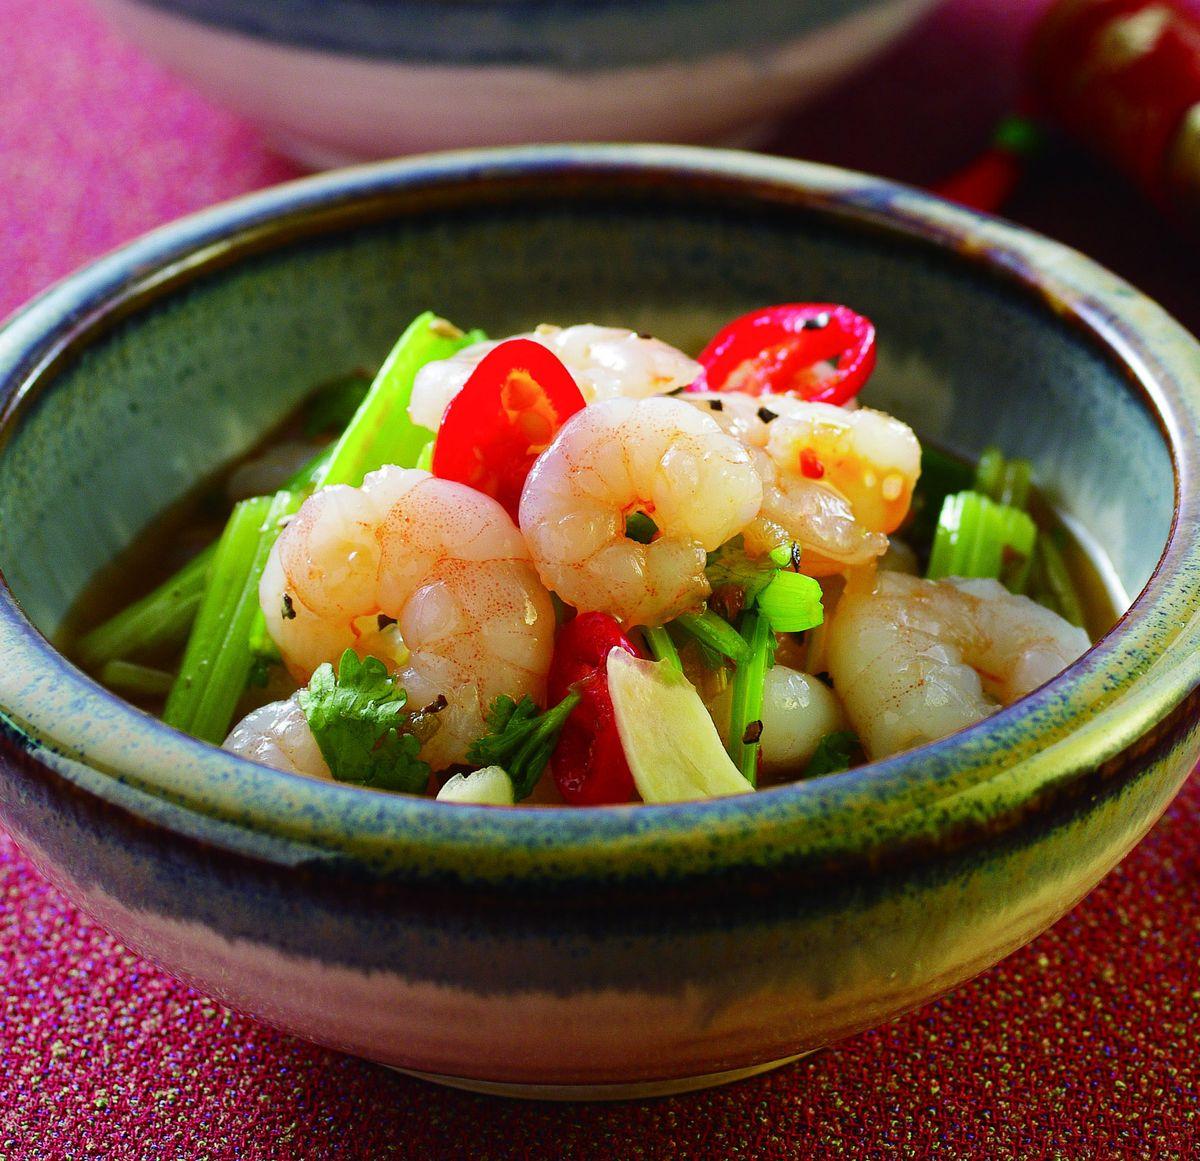 食譜:泰式酸辣拌蝦仁